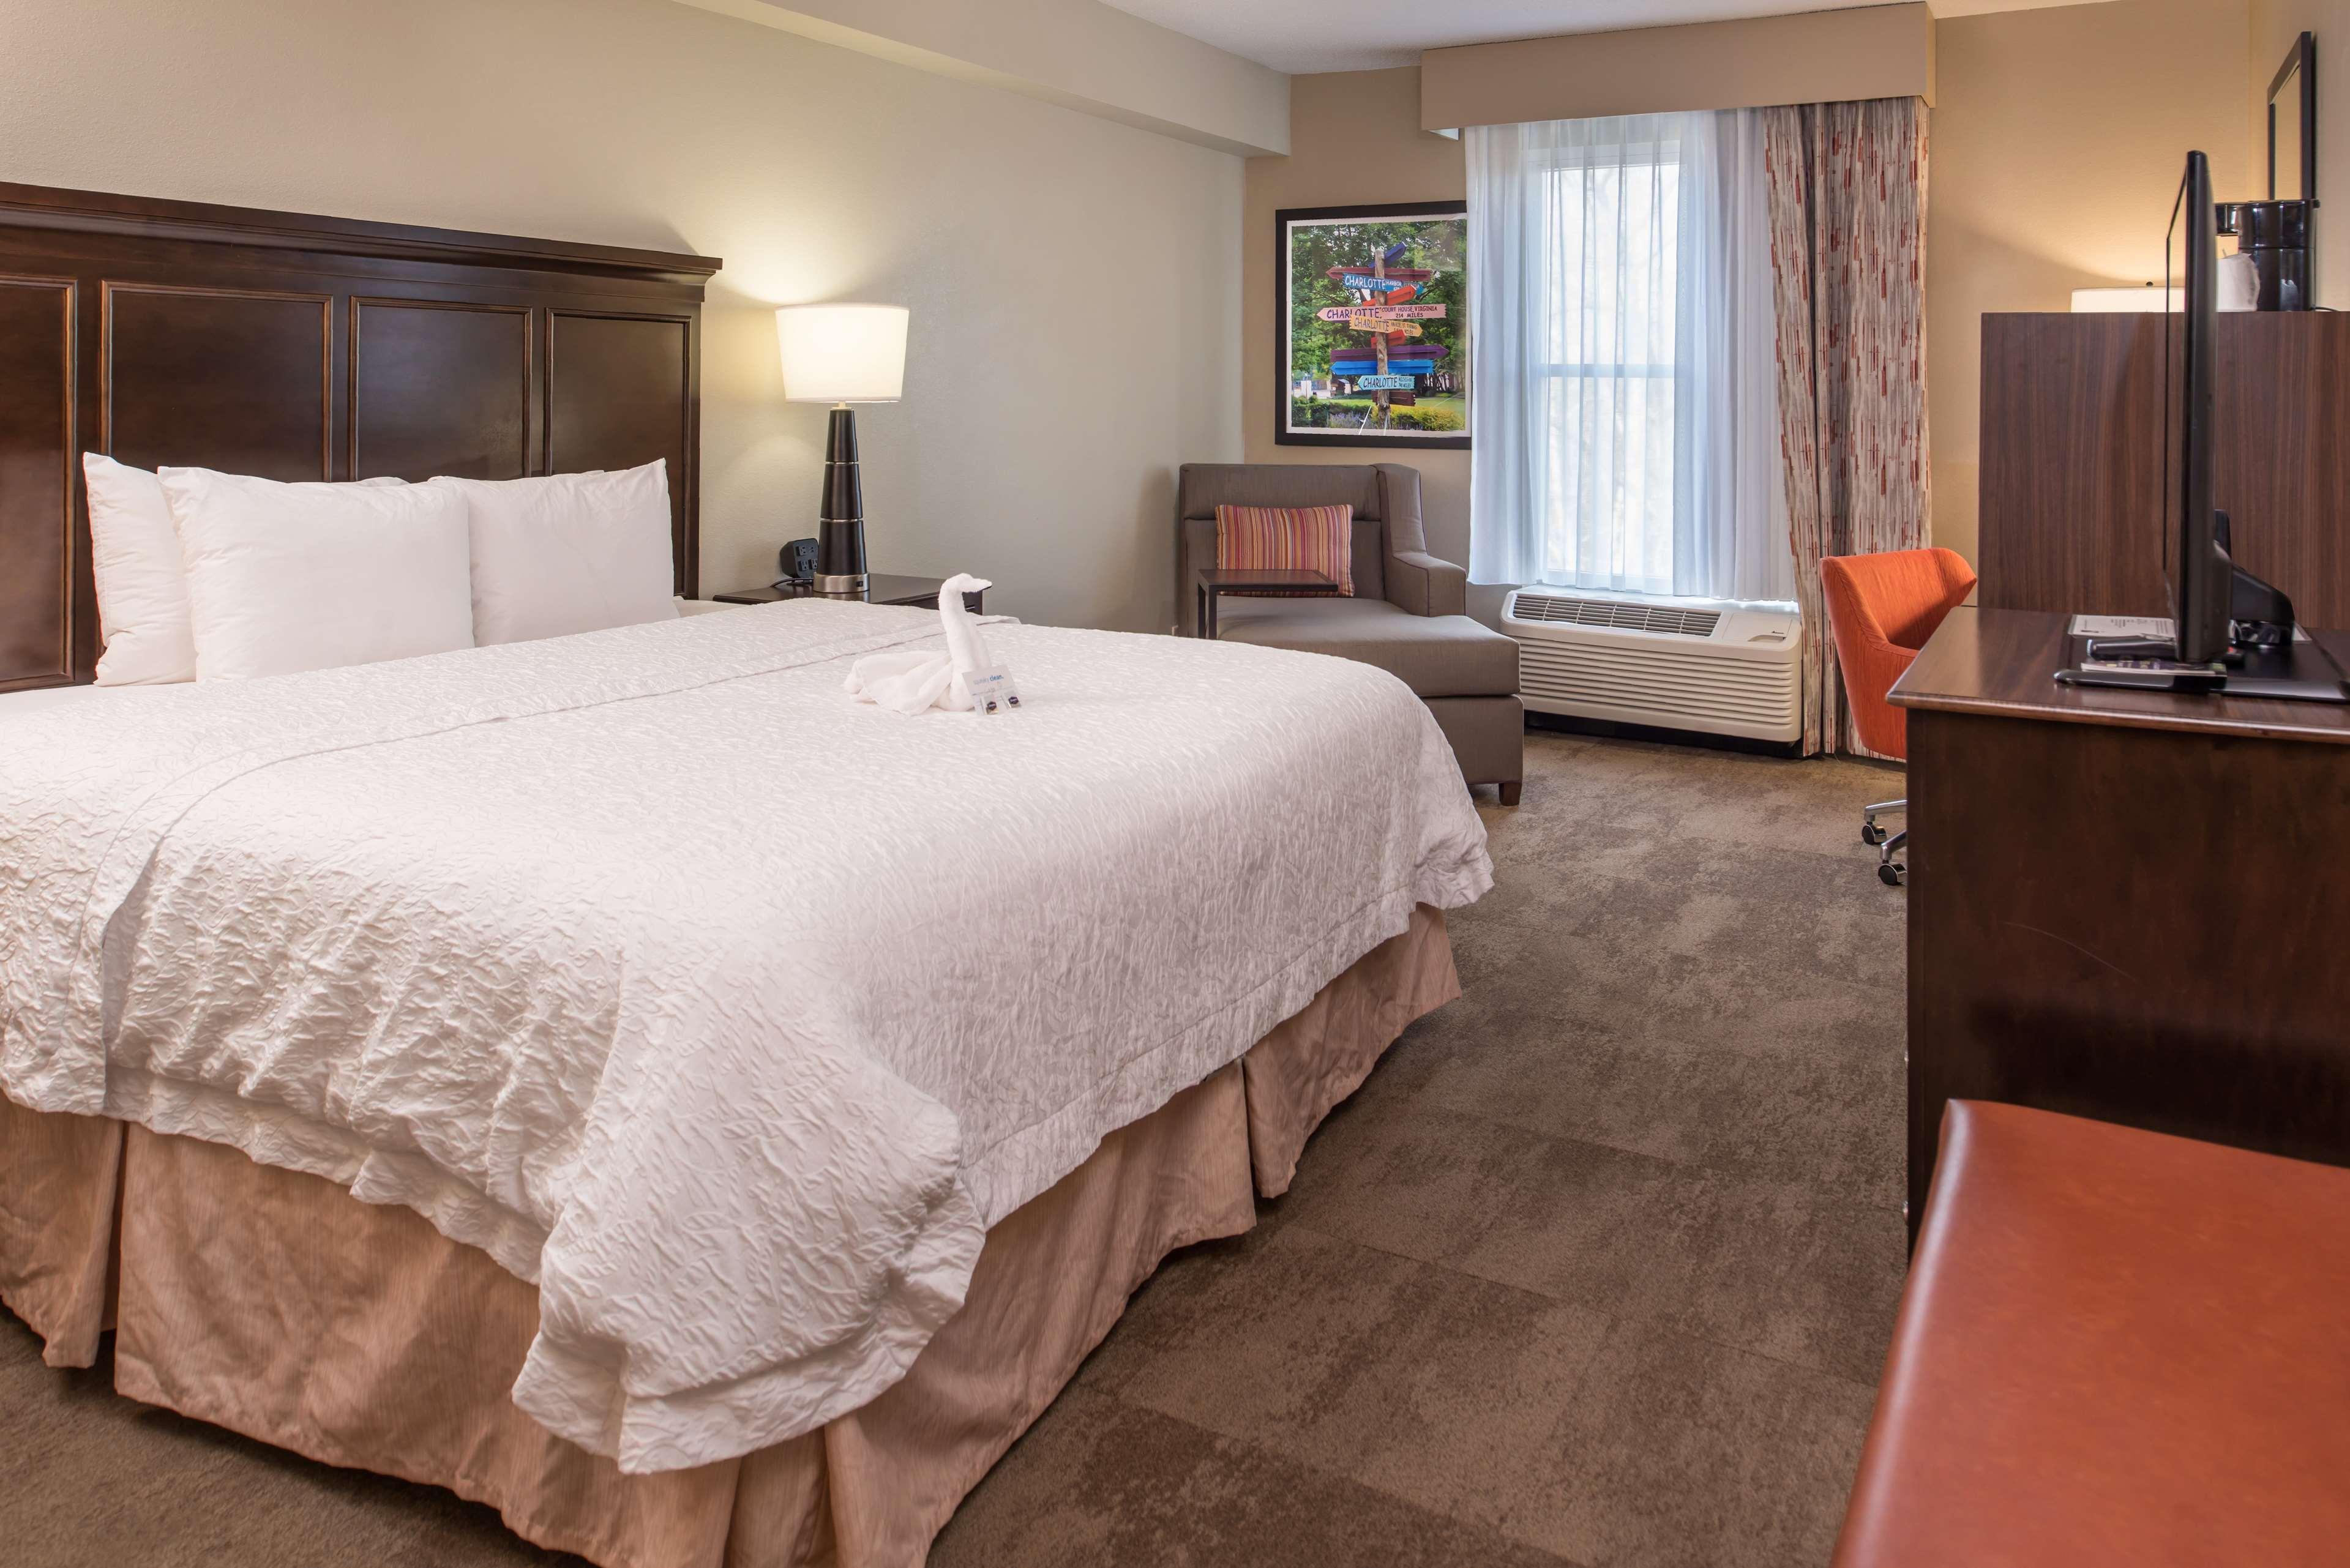 Hampton Inn & Suites Charlotte-Arrowood Rd. image 24